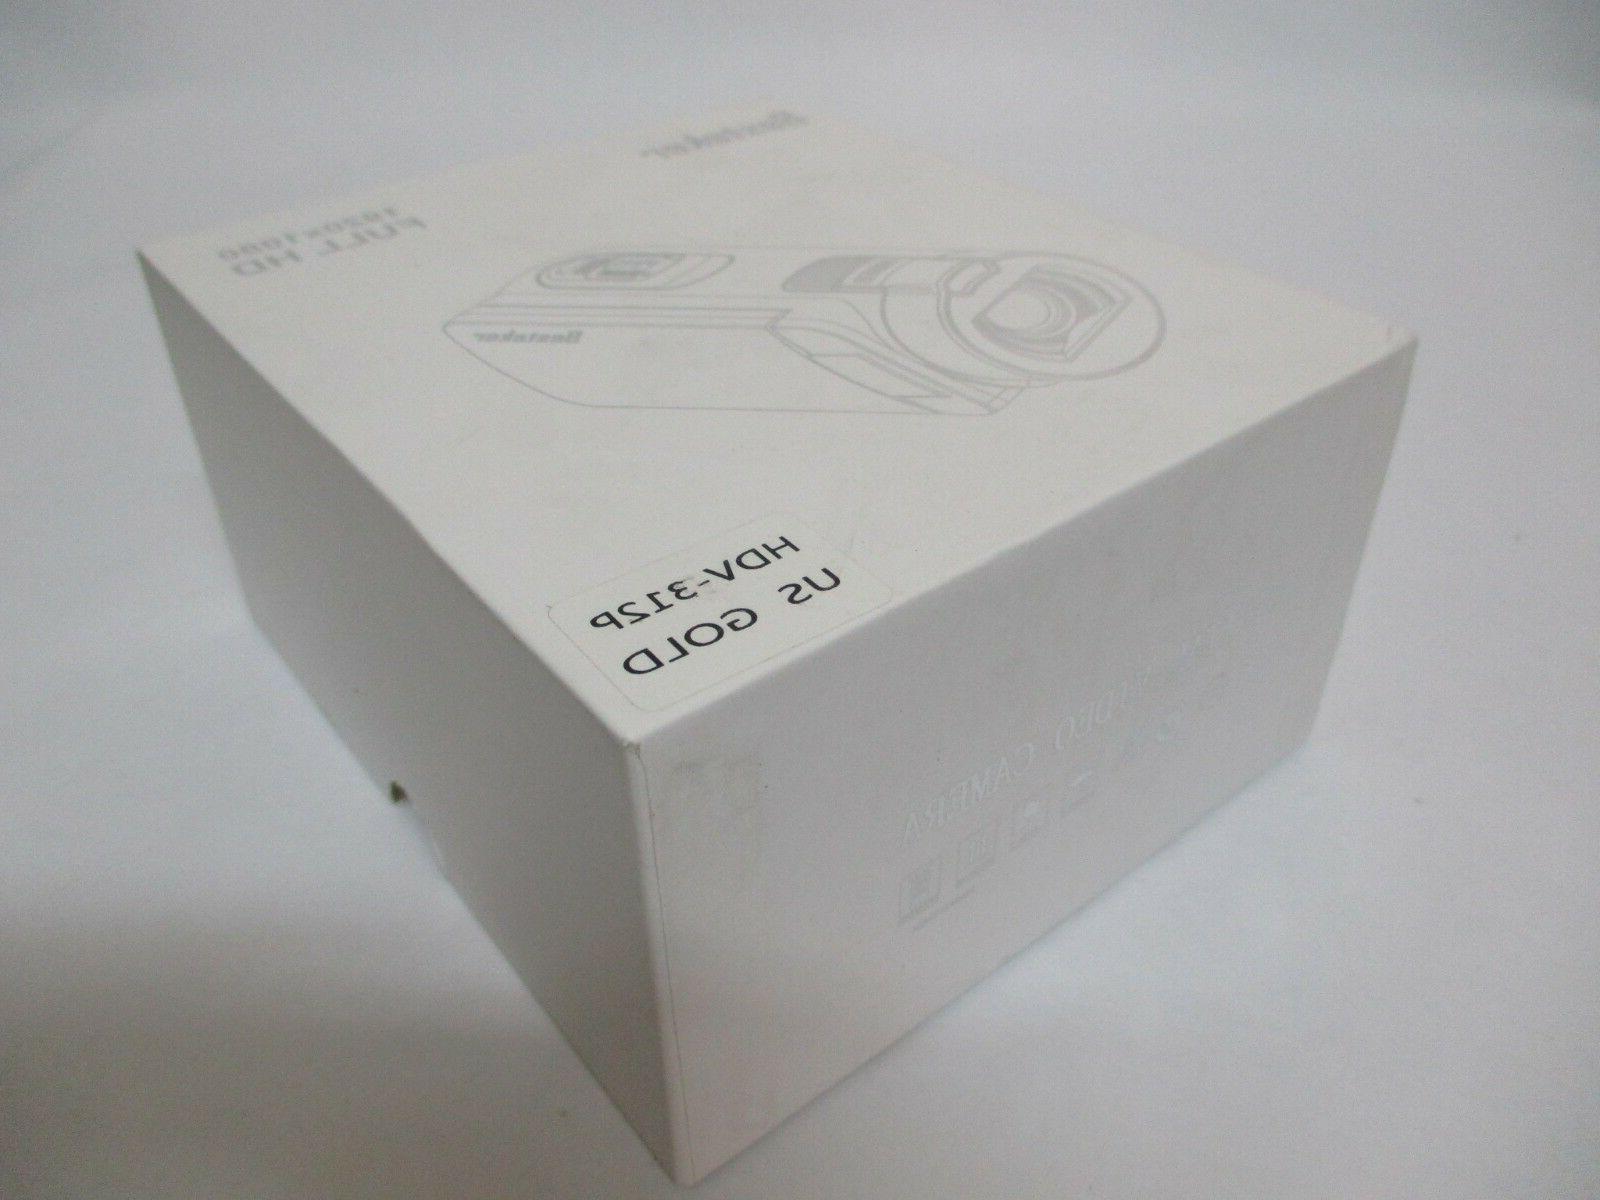 Besteker Full Video Camcorder Camera